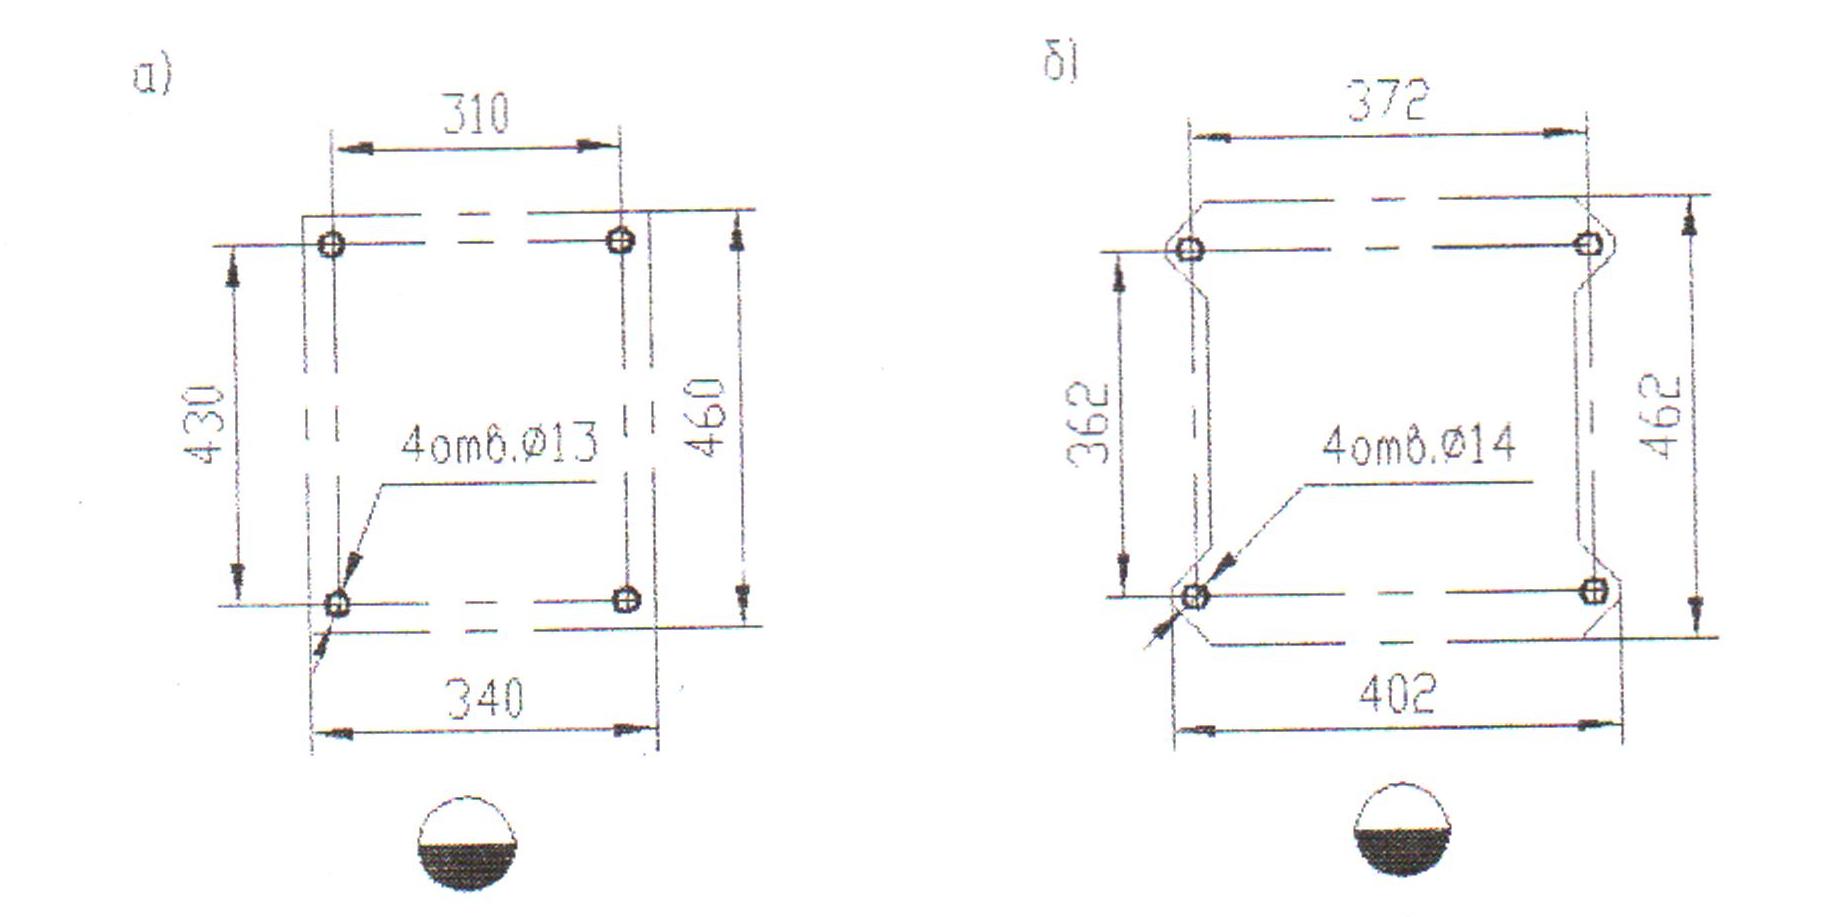 сга 40 схема принципиальная электрическая